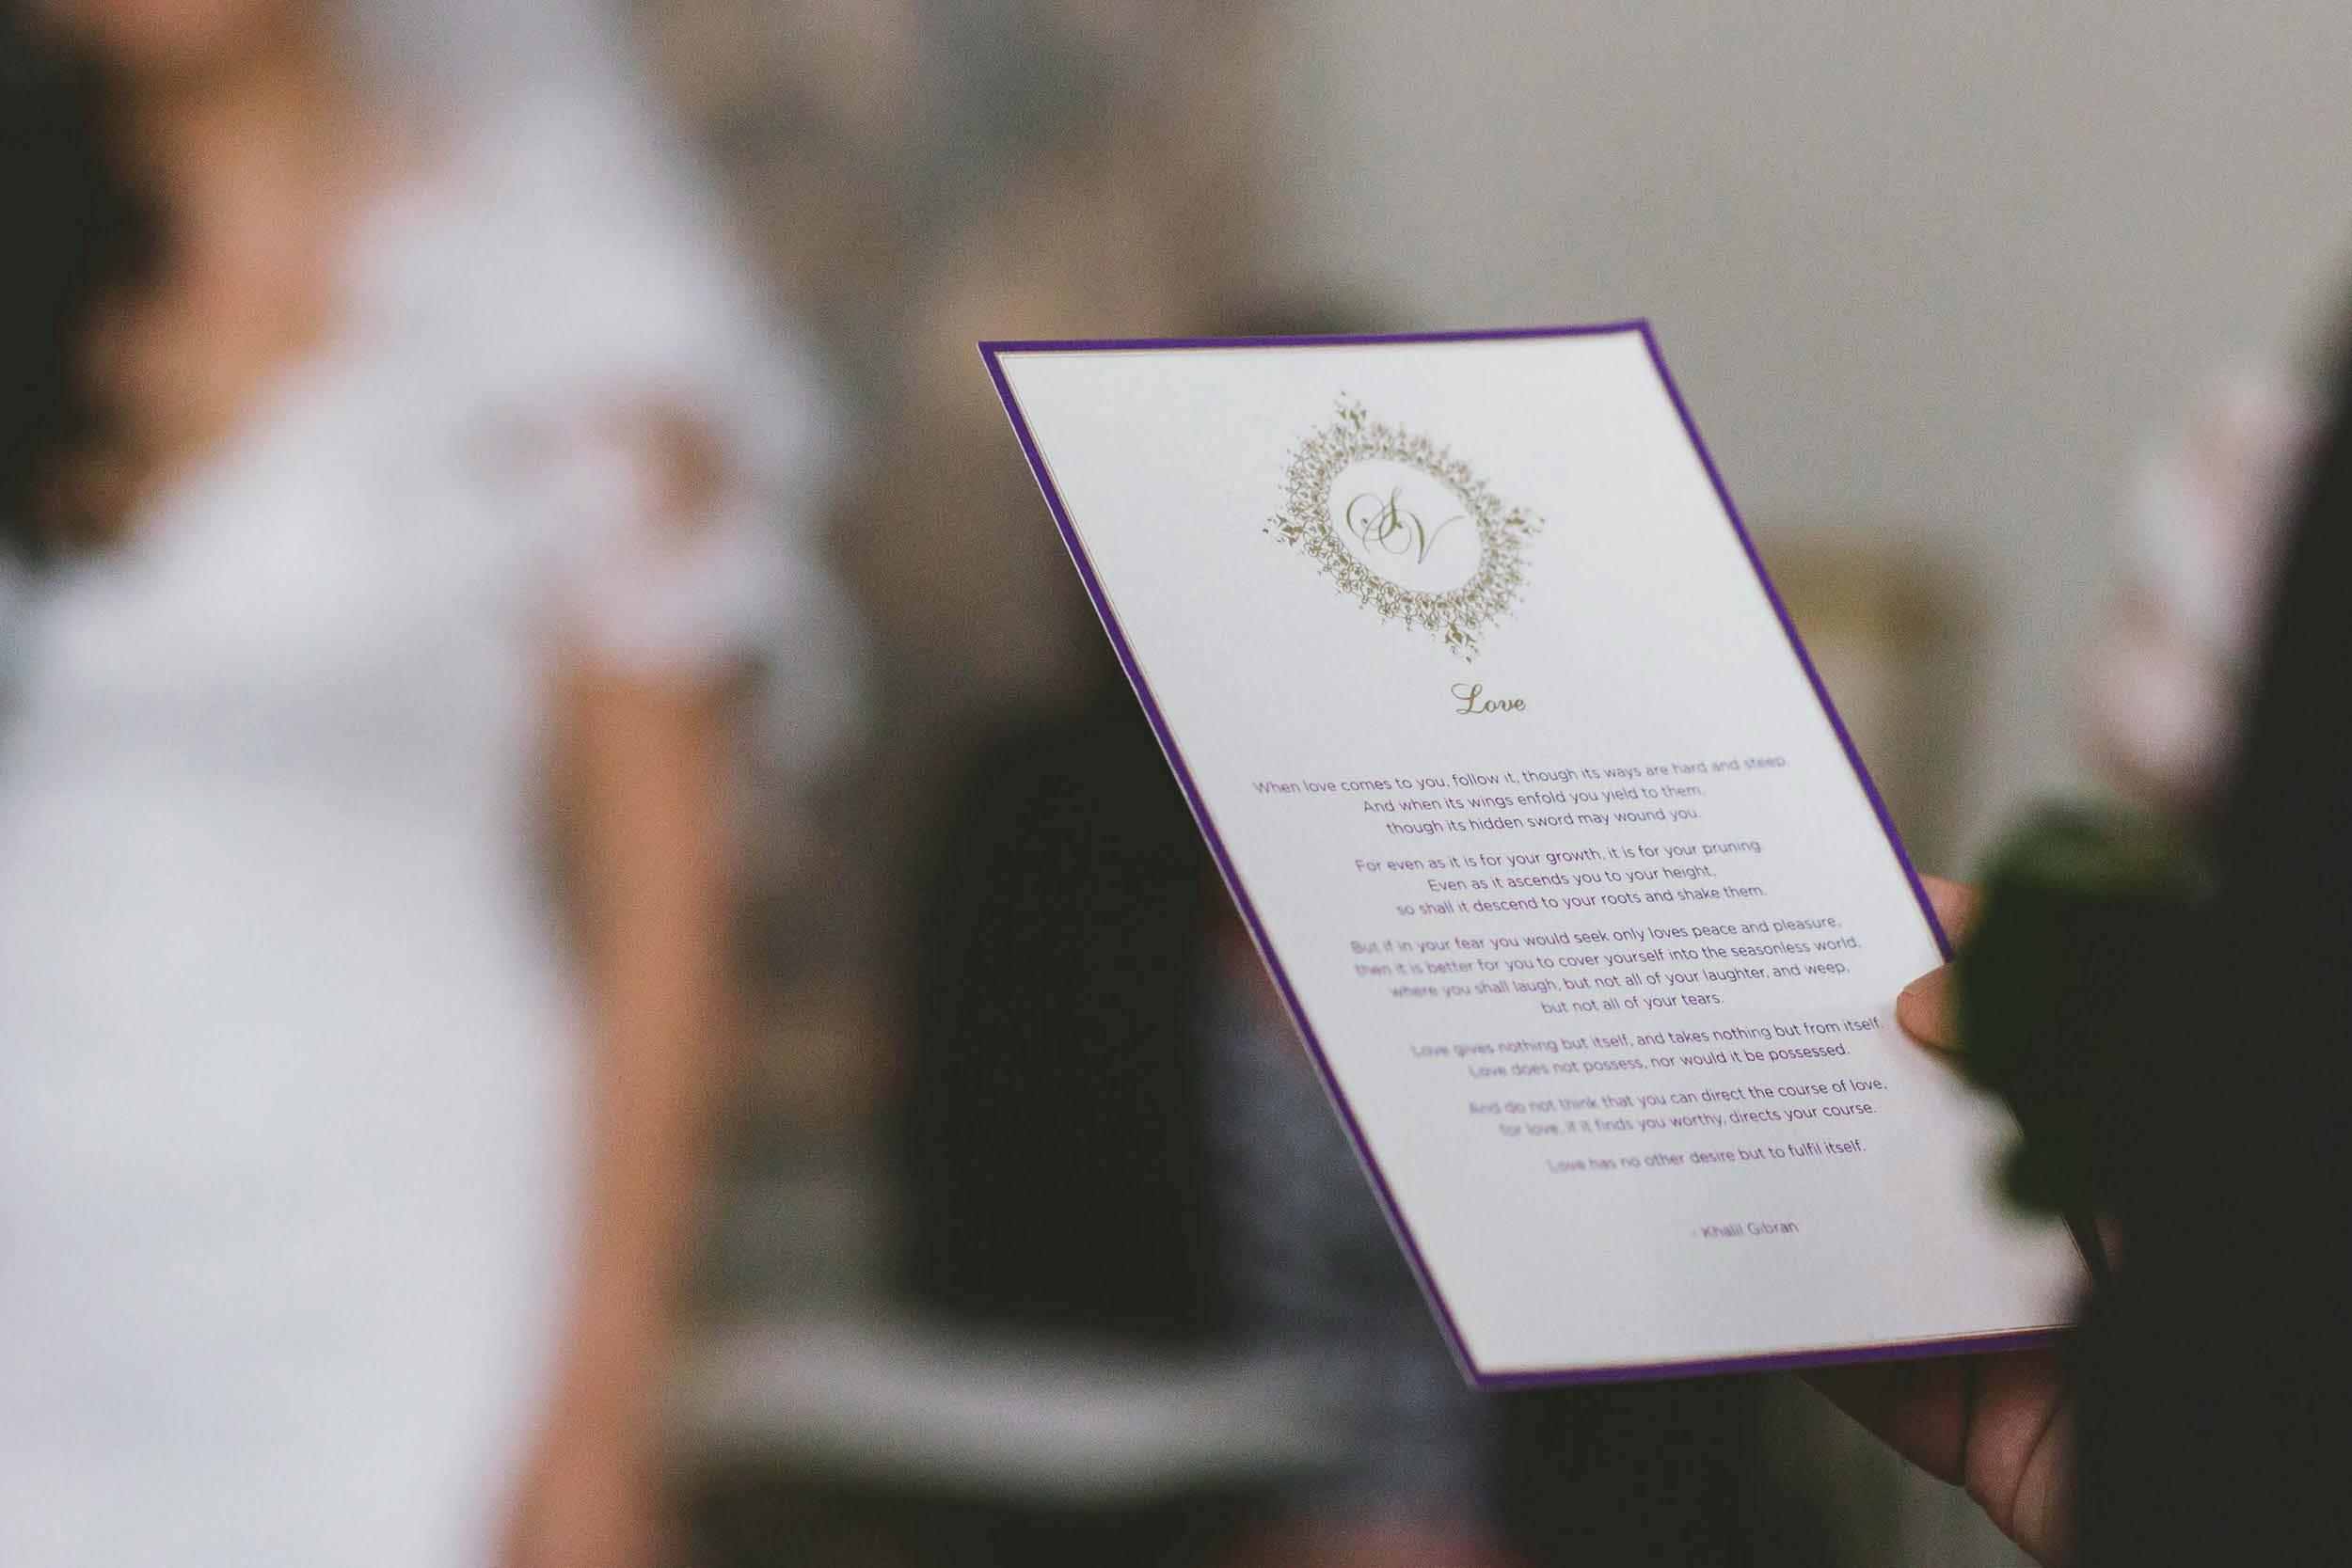 bespoke_wedding_stationery_mandala_ananyacards.com-05.jpg